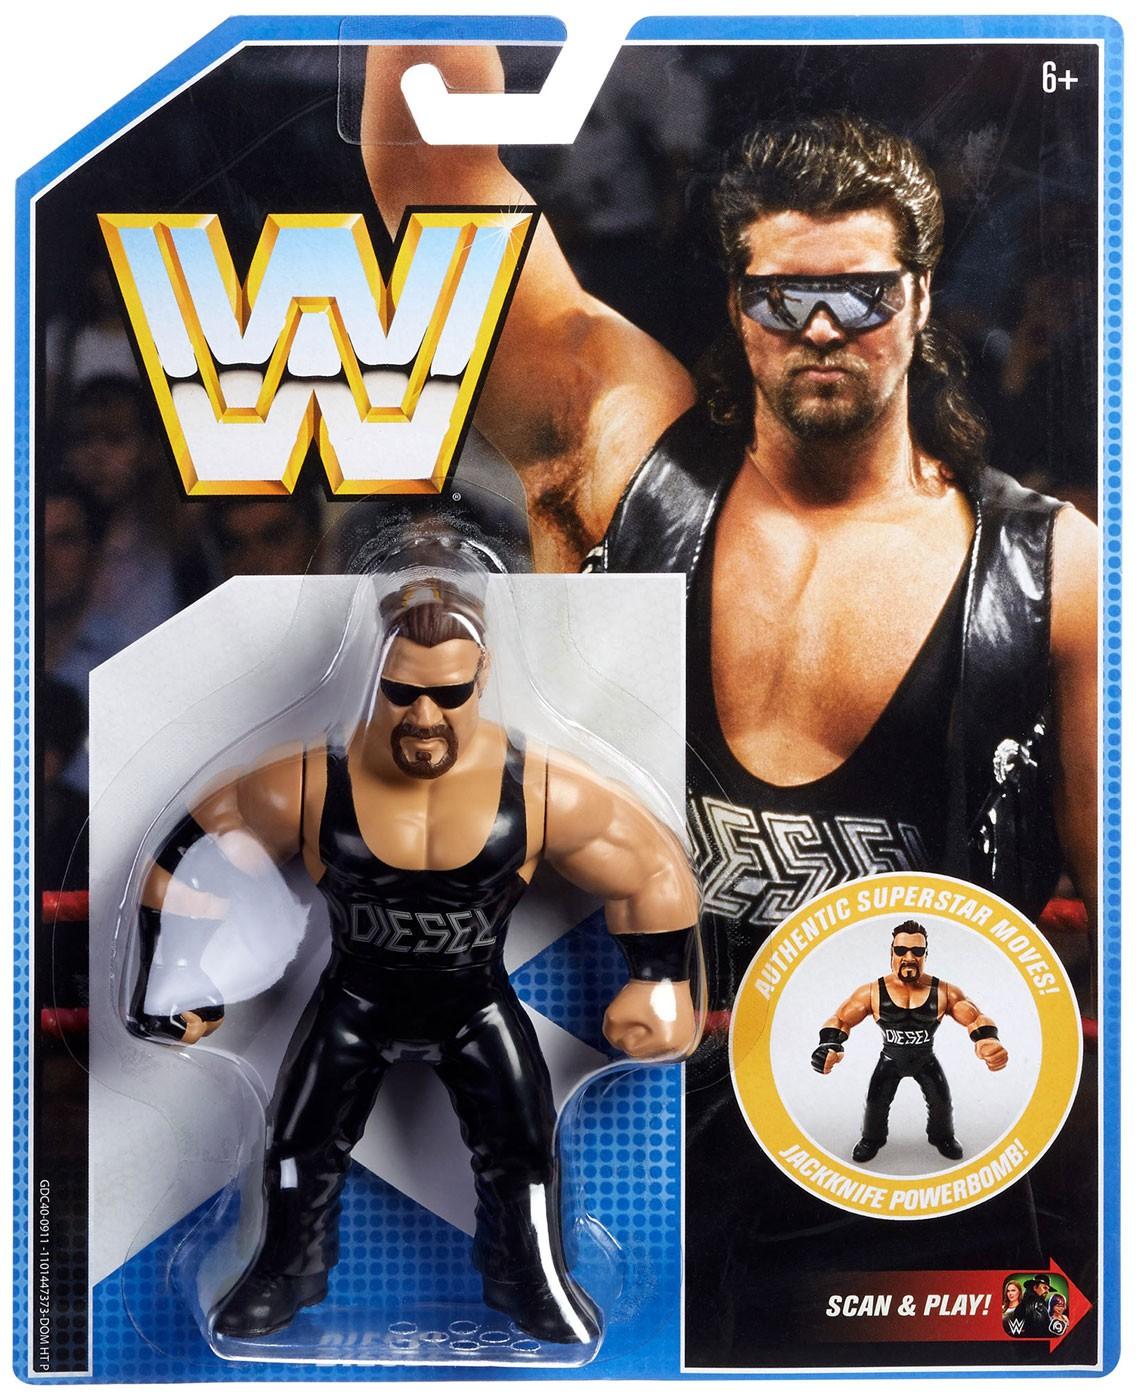 Rétro WWE Wrestling Action Figure Mattel avec Scan /& Play QR Code